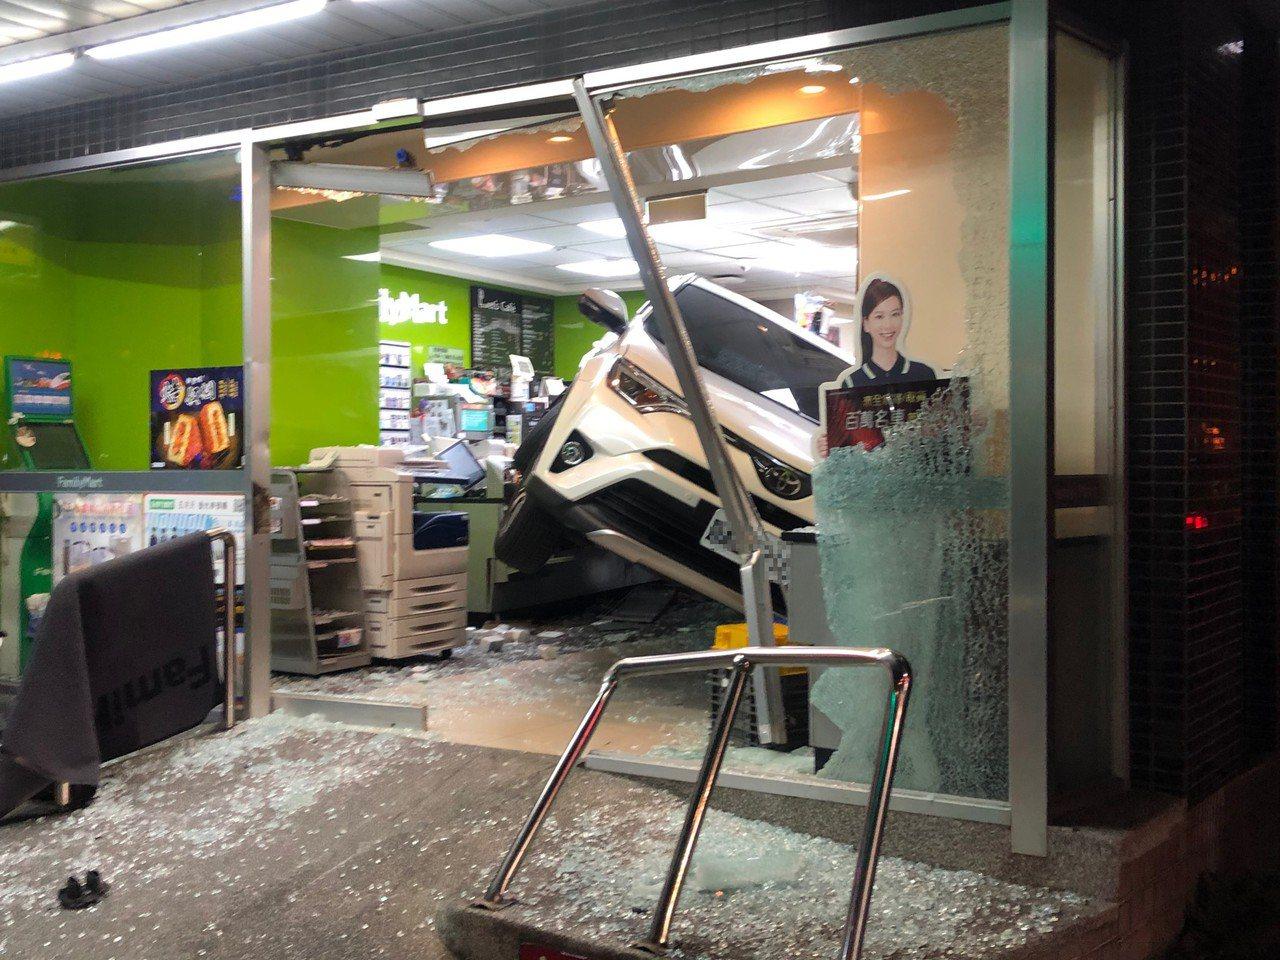 白色休旅車整輛車衝進超商,碎玻璃、商品四散一地。記者曾健祐/攝影